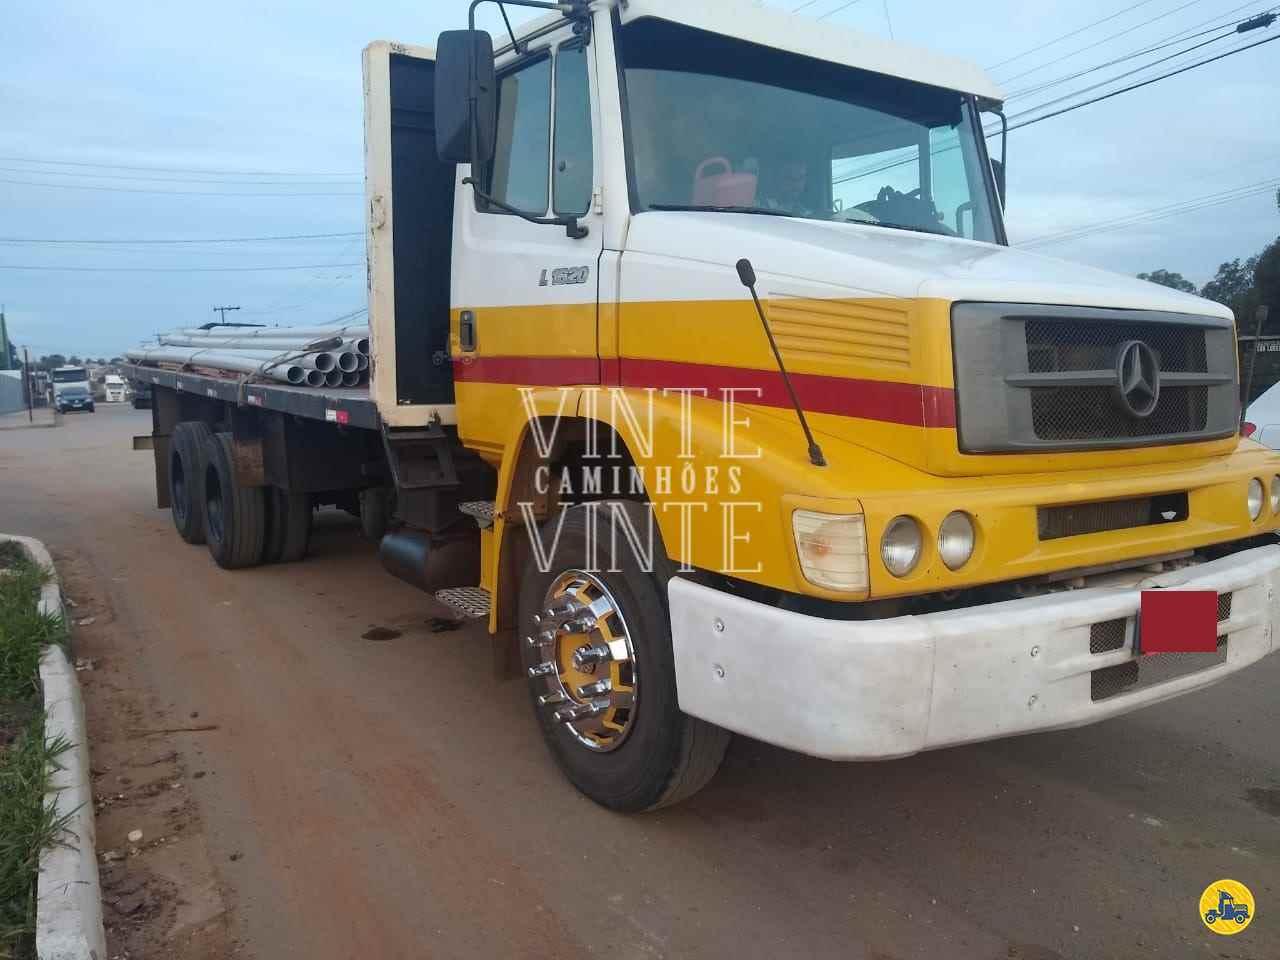 CAMINHAO MERCEDES-BENZ MB 1620 Chassis Truck 6x2 Vinte-Vinte Caminhões SANTO ANDRE SÃO PAULO SP